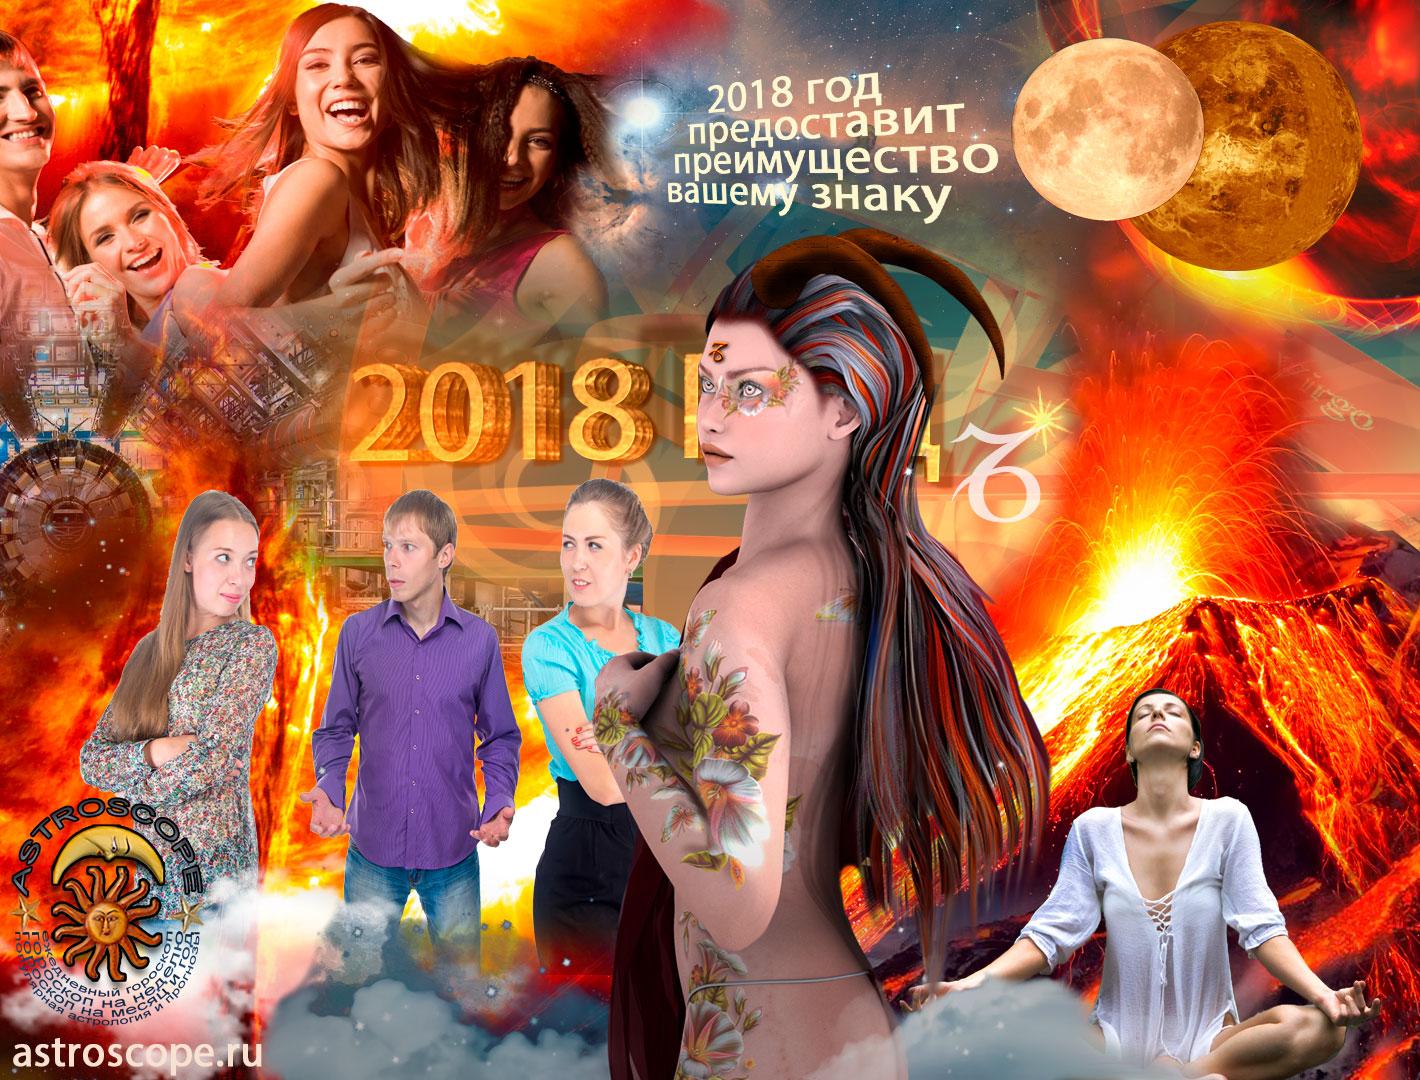 Гороскоп на 2018 год Козерог, астрологический прогноз на 2018 год для Козерогов